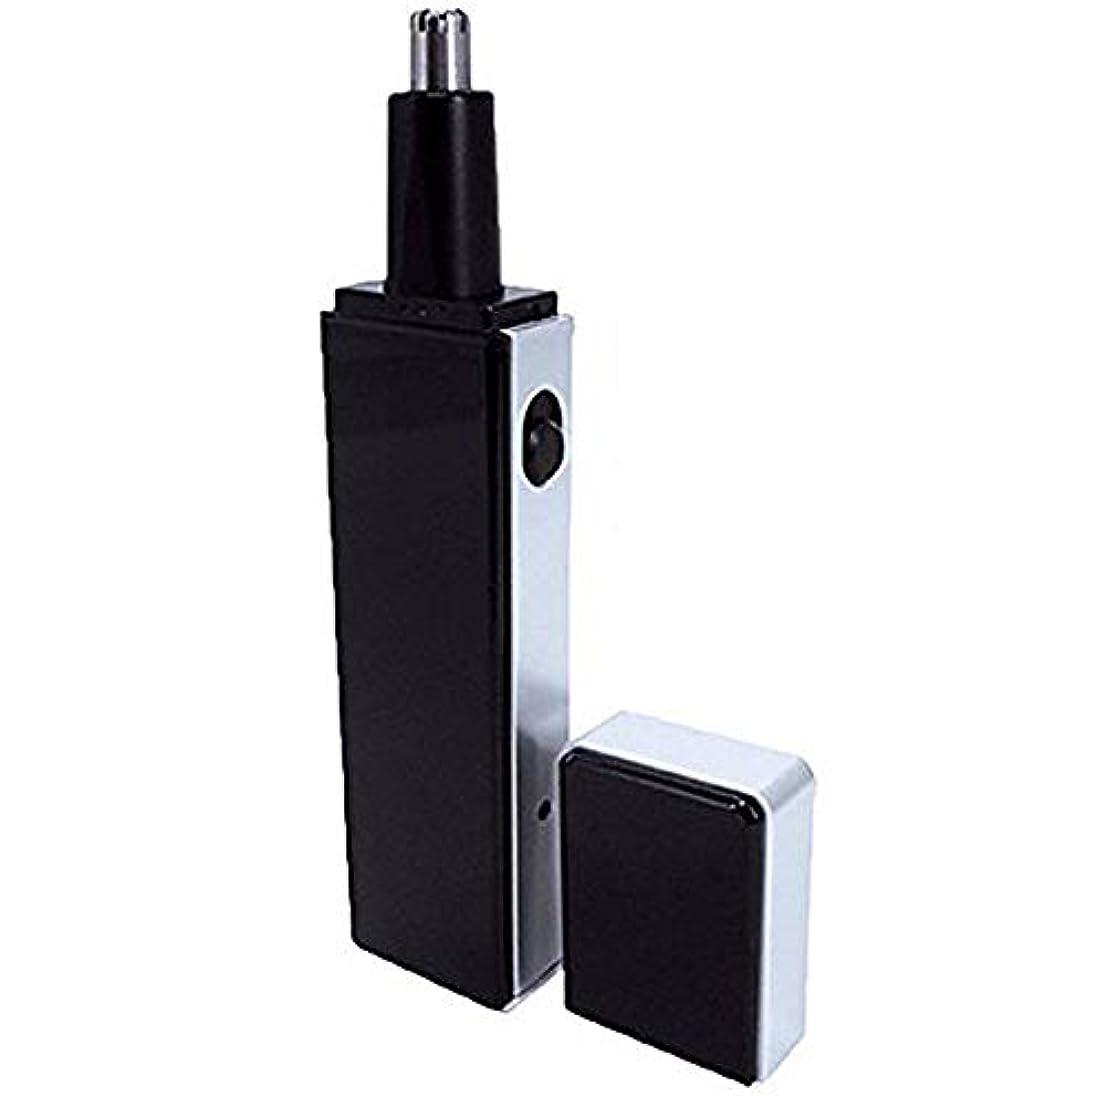 とにかくロッド想像する鼻毛カッター 充電式 シンプル シェーバー 切れ味最高! 男の身だしなみ エチケット 防水なし